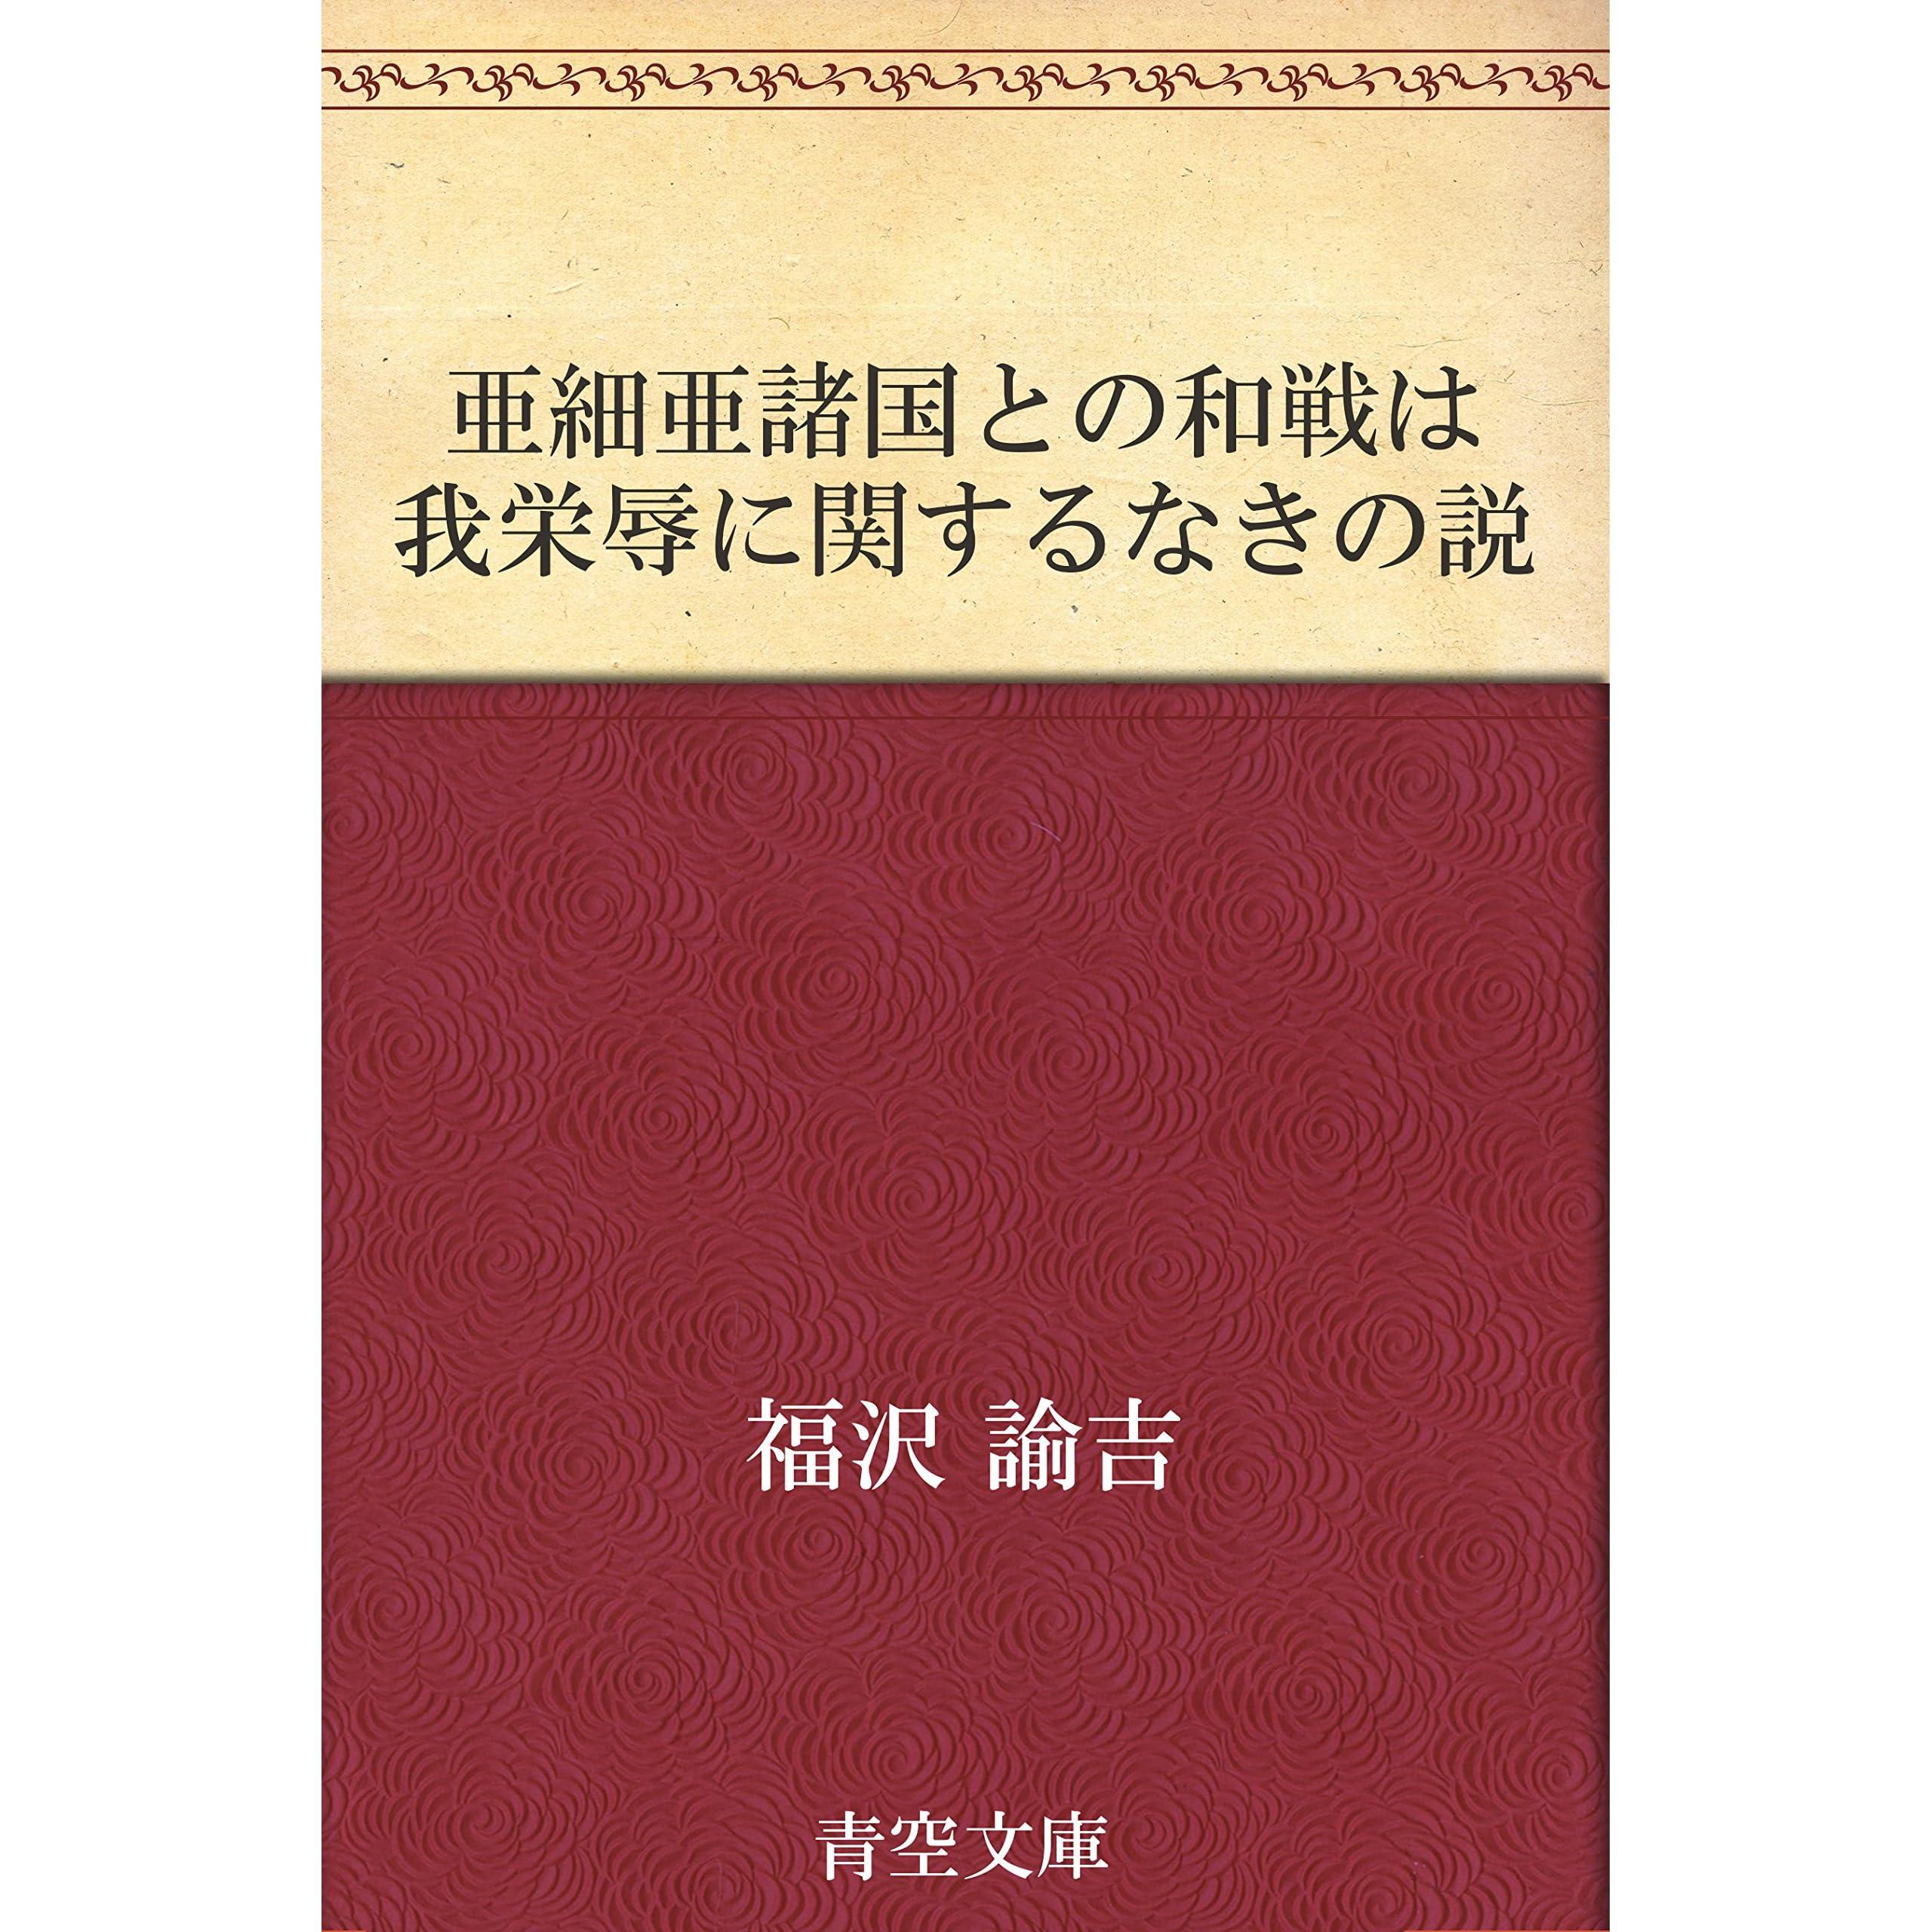 亜細亜諸国との和戦は我栄辱に関するなきの説 by 福沢 諭吉